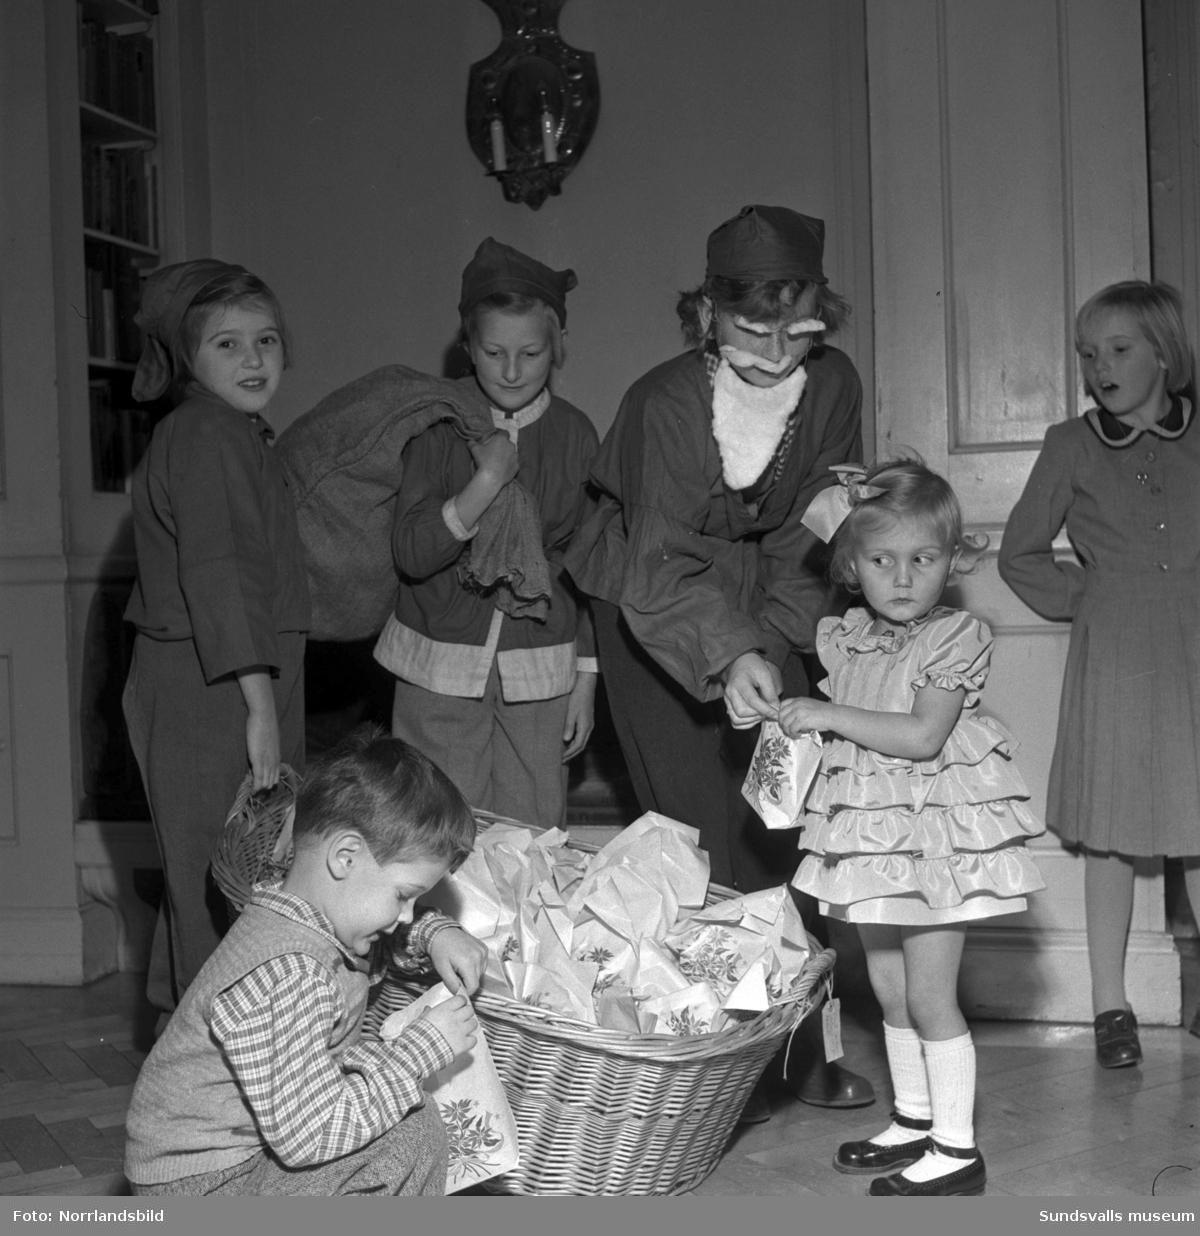 Söndagsskolebarnens julfest på församlingshemmet i Sundsvall. Här pågår utdelning av godispåsar och de tre tomtarna heter Britt Edlund, Lajla Mari Dahlbom och Karin Nilsson. Barnen som just fått sina presenter är Arne Svärd och Monica Glad.